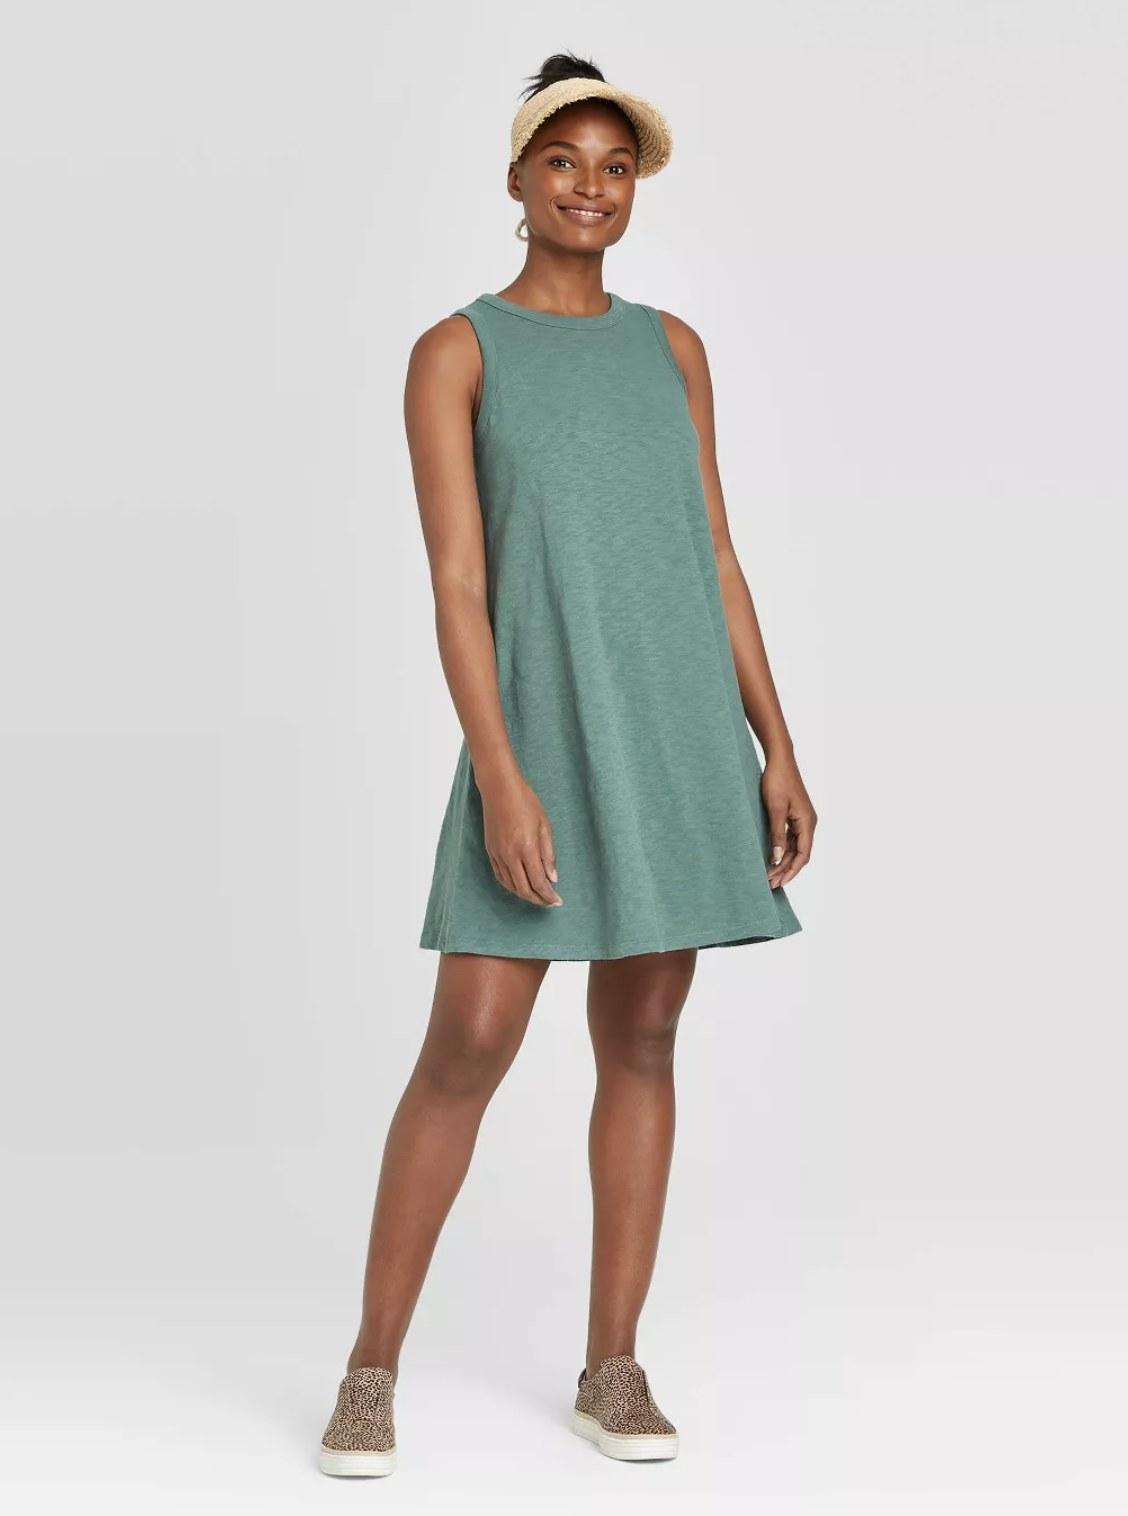 Model wearing the tank dress in teal